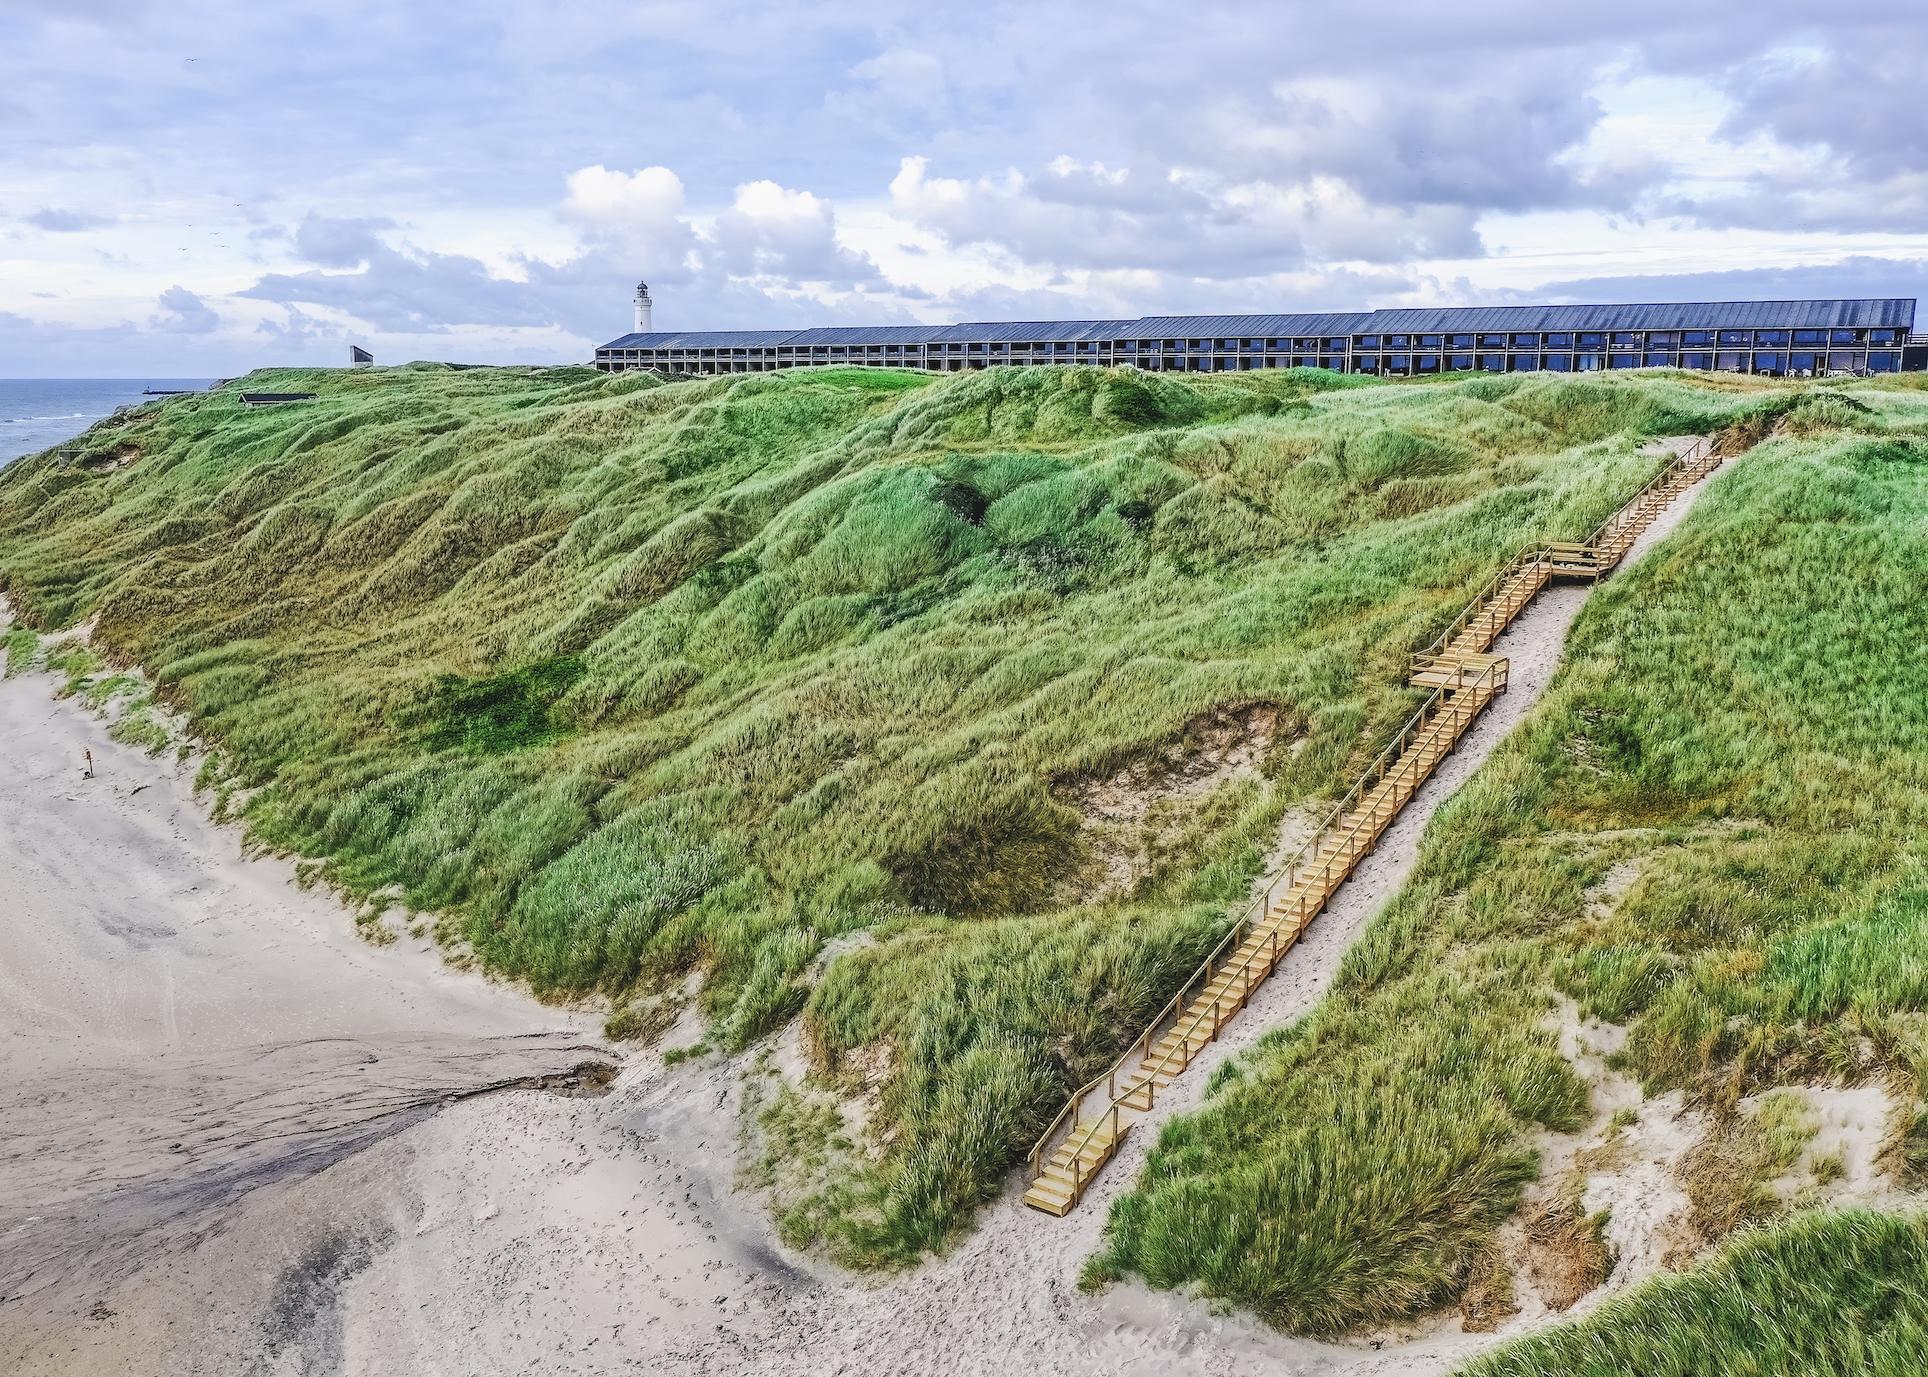 I starten af næste år bliver Fyrklit ved Hirtshals en del af Landal GreenParks og skifter navn til Landal Fyrklit. Pressefoto fra Landal GreenPartks: Rene Stoklund.